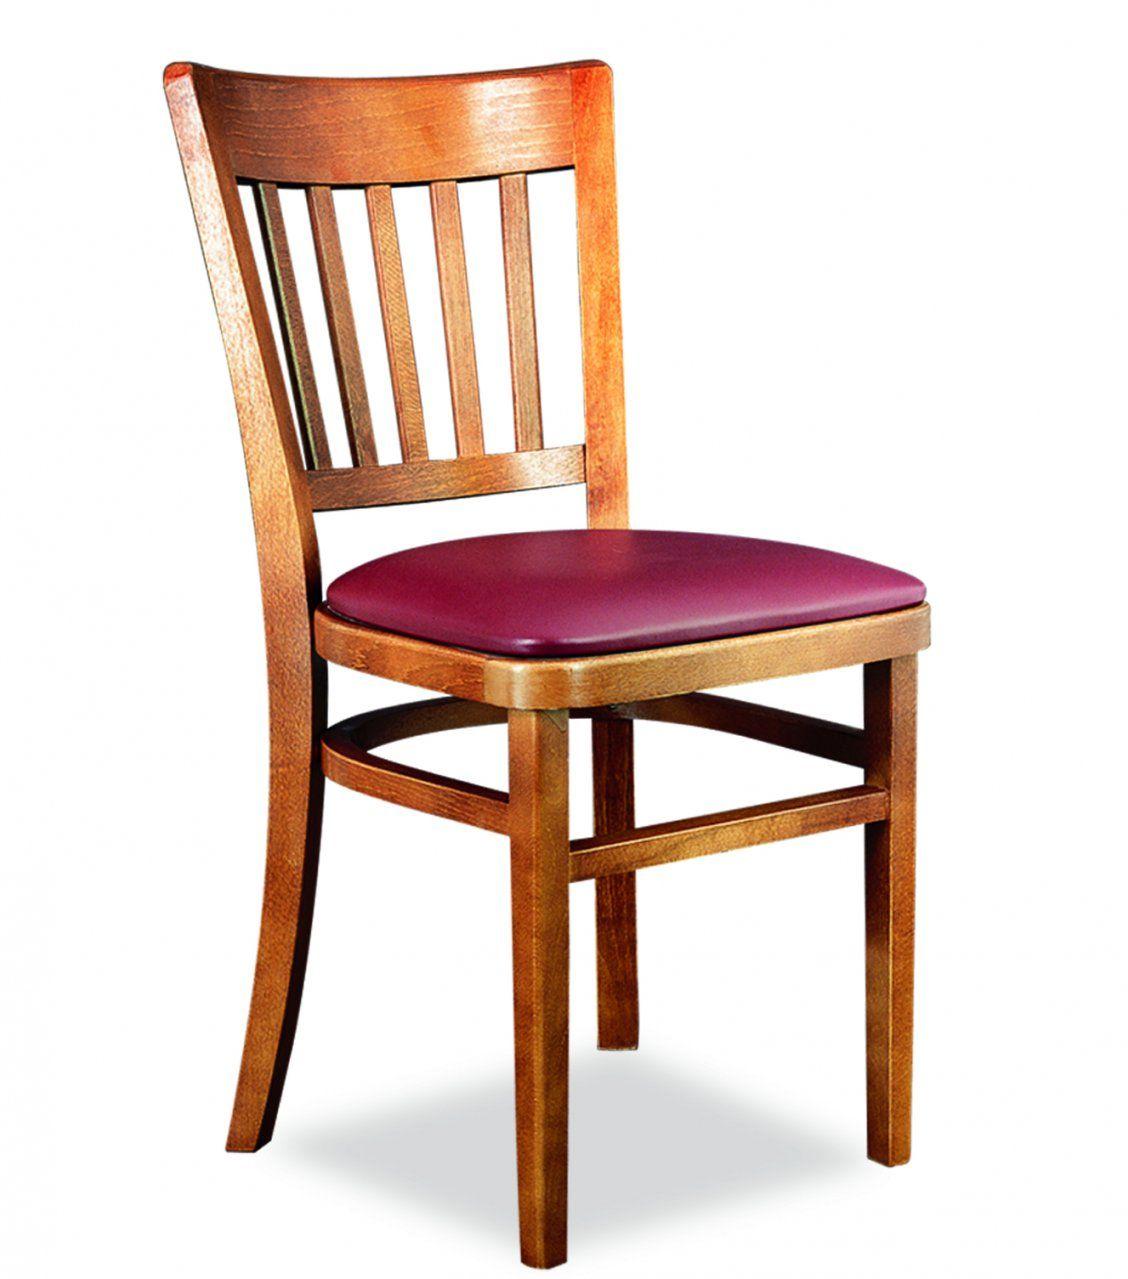 Bistrostuhl Vegas  Holzstühle  Gastronomie Stühle  Indoor Möbel von Gastronomie Stühle Günstig Kaufen Bild